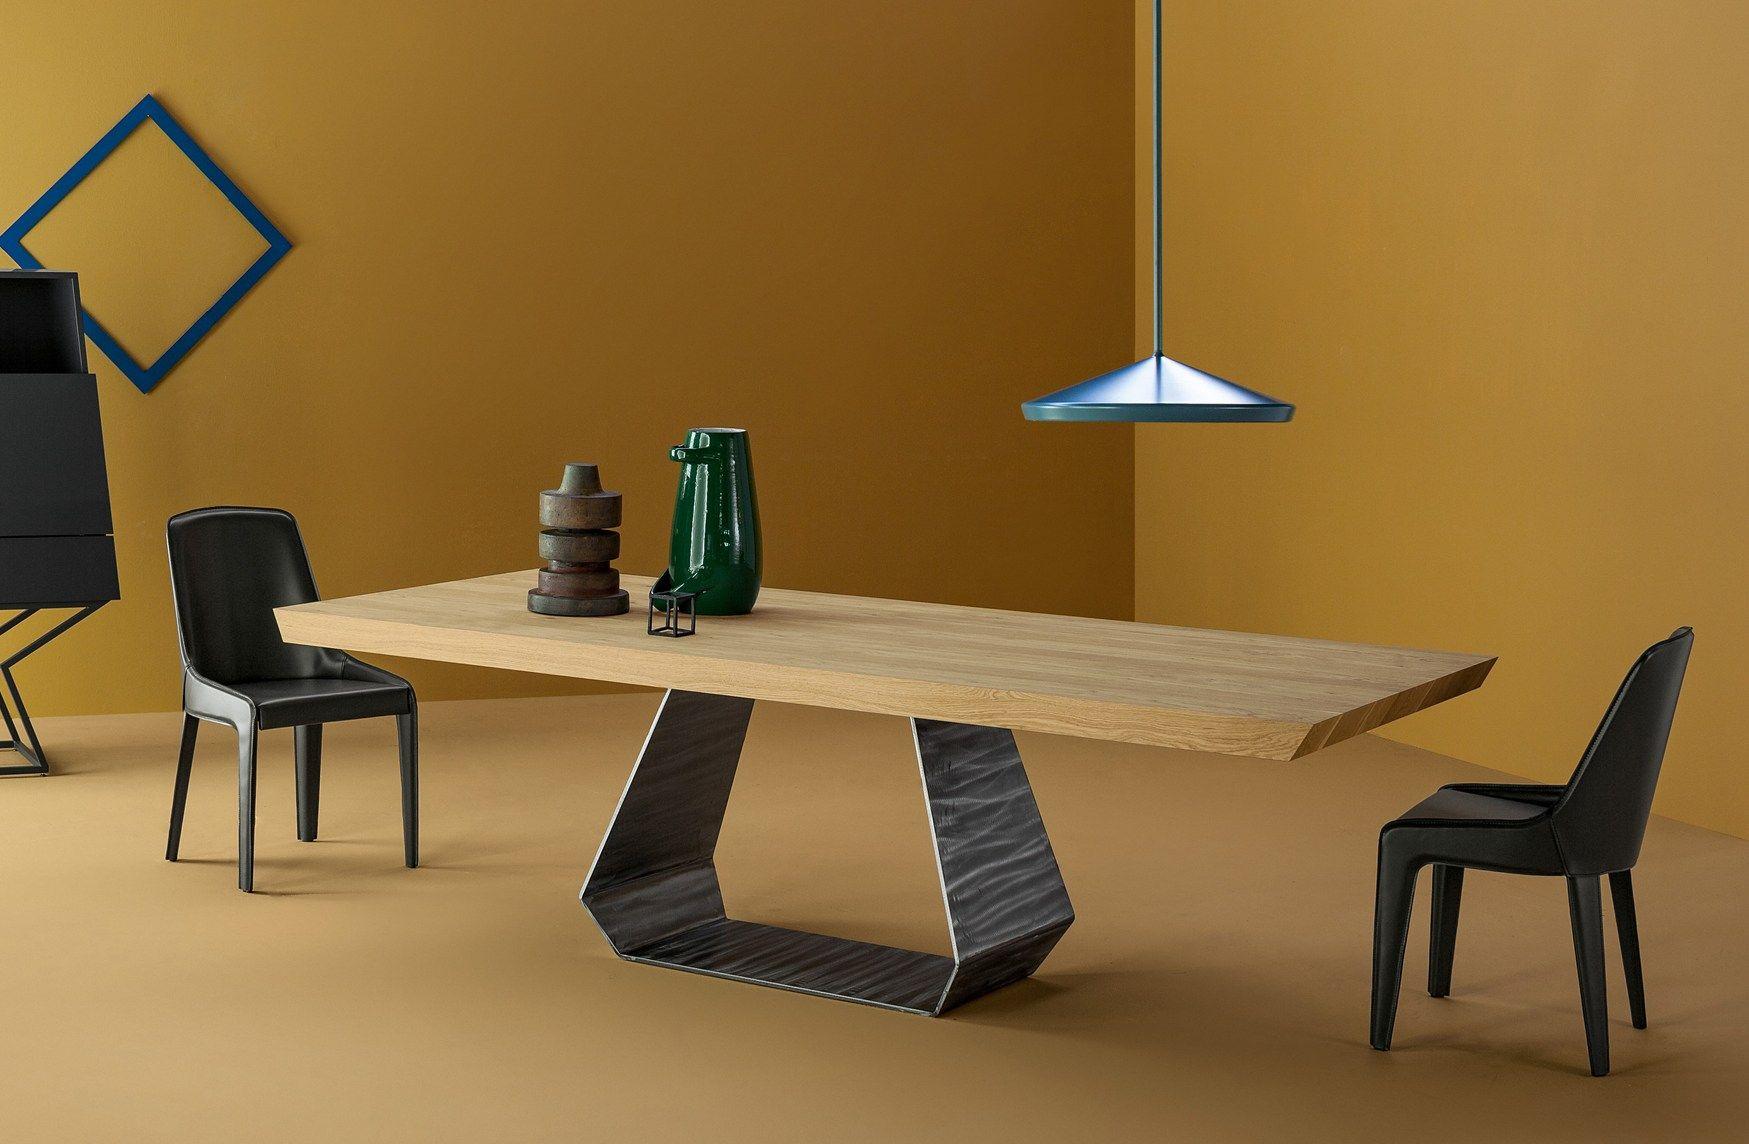 Mood giapponese e richiami all 39 oriente bonaldo al salone for Tavoli moderni in legno